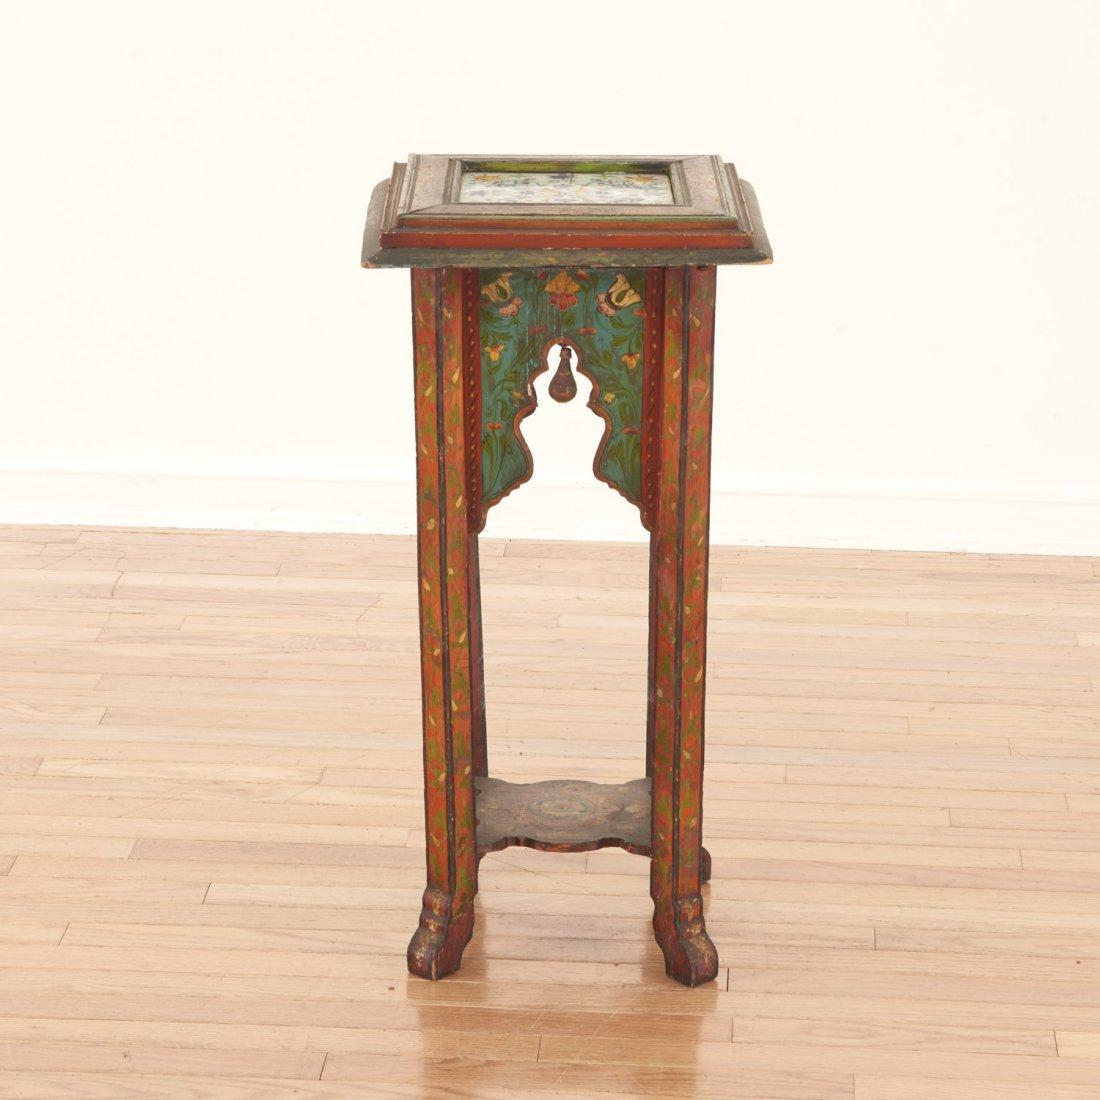 Middle Eastern polychrome tile inset pedestal - 2